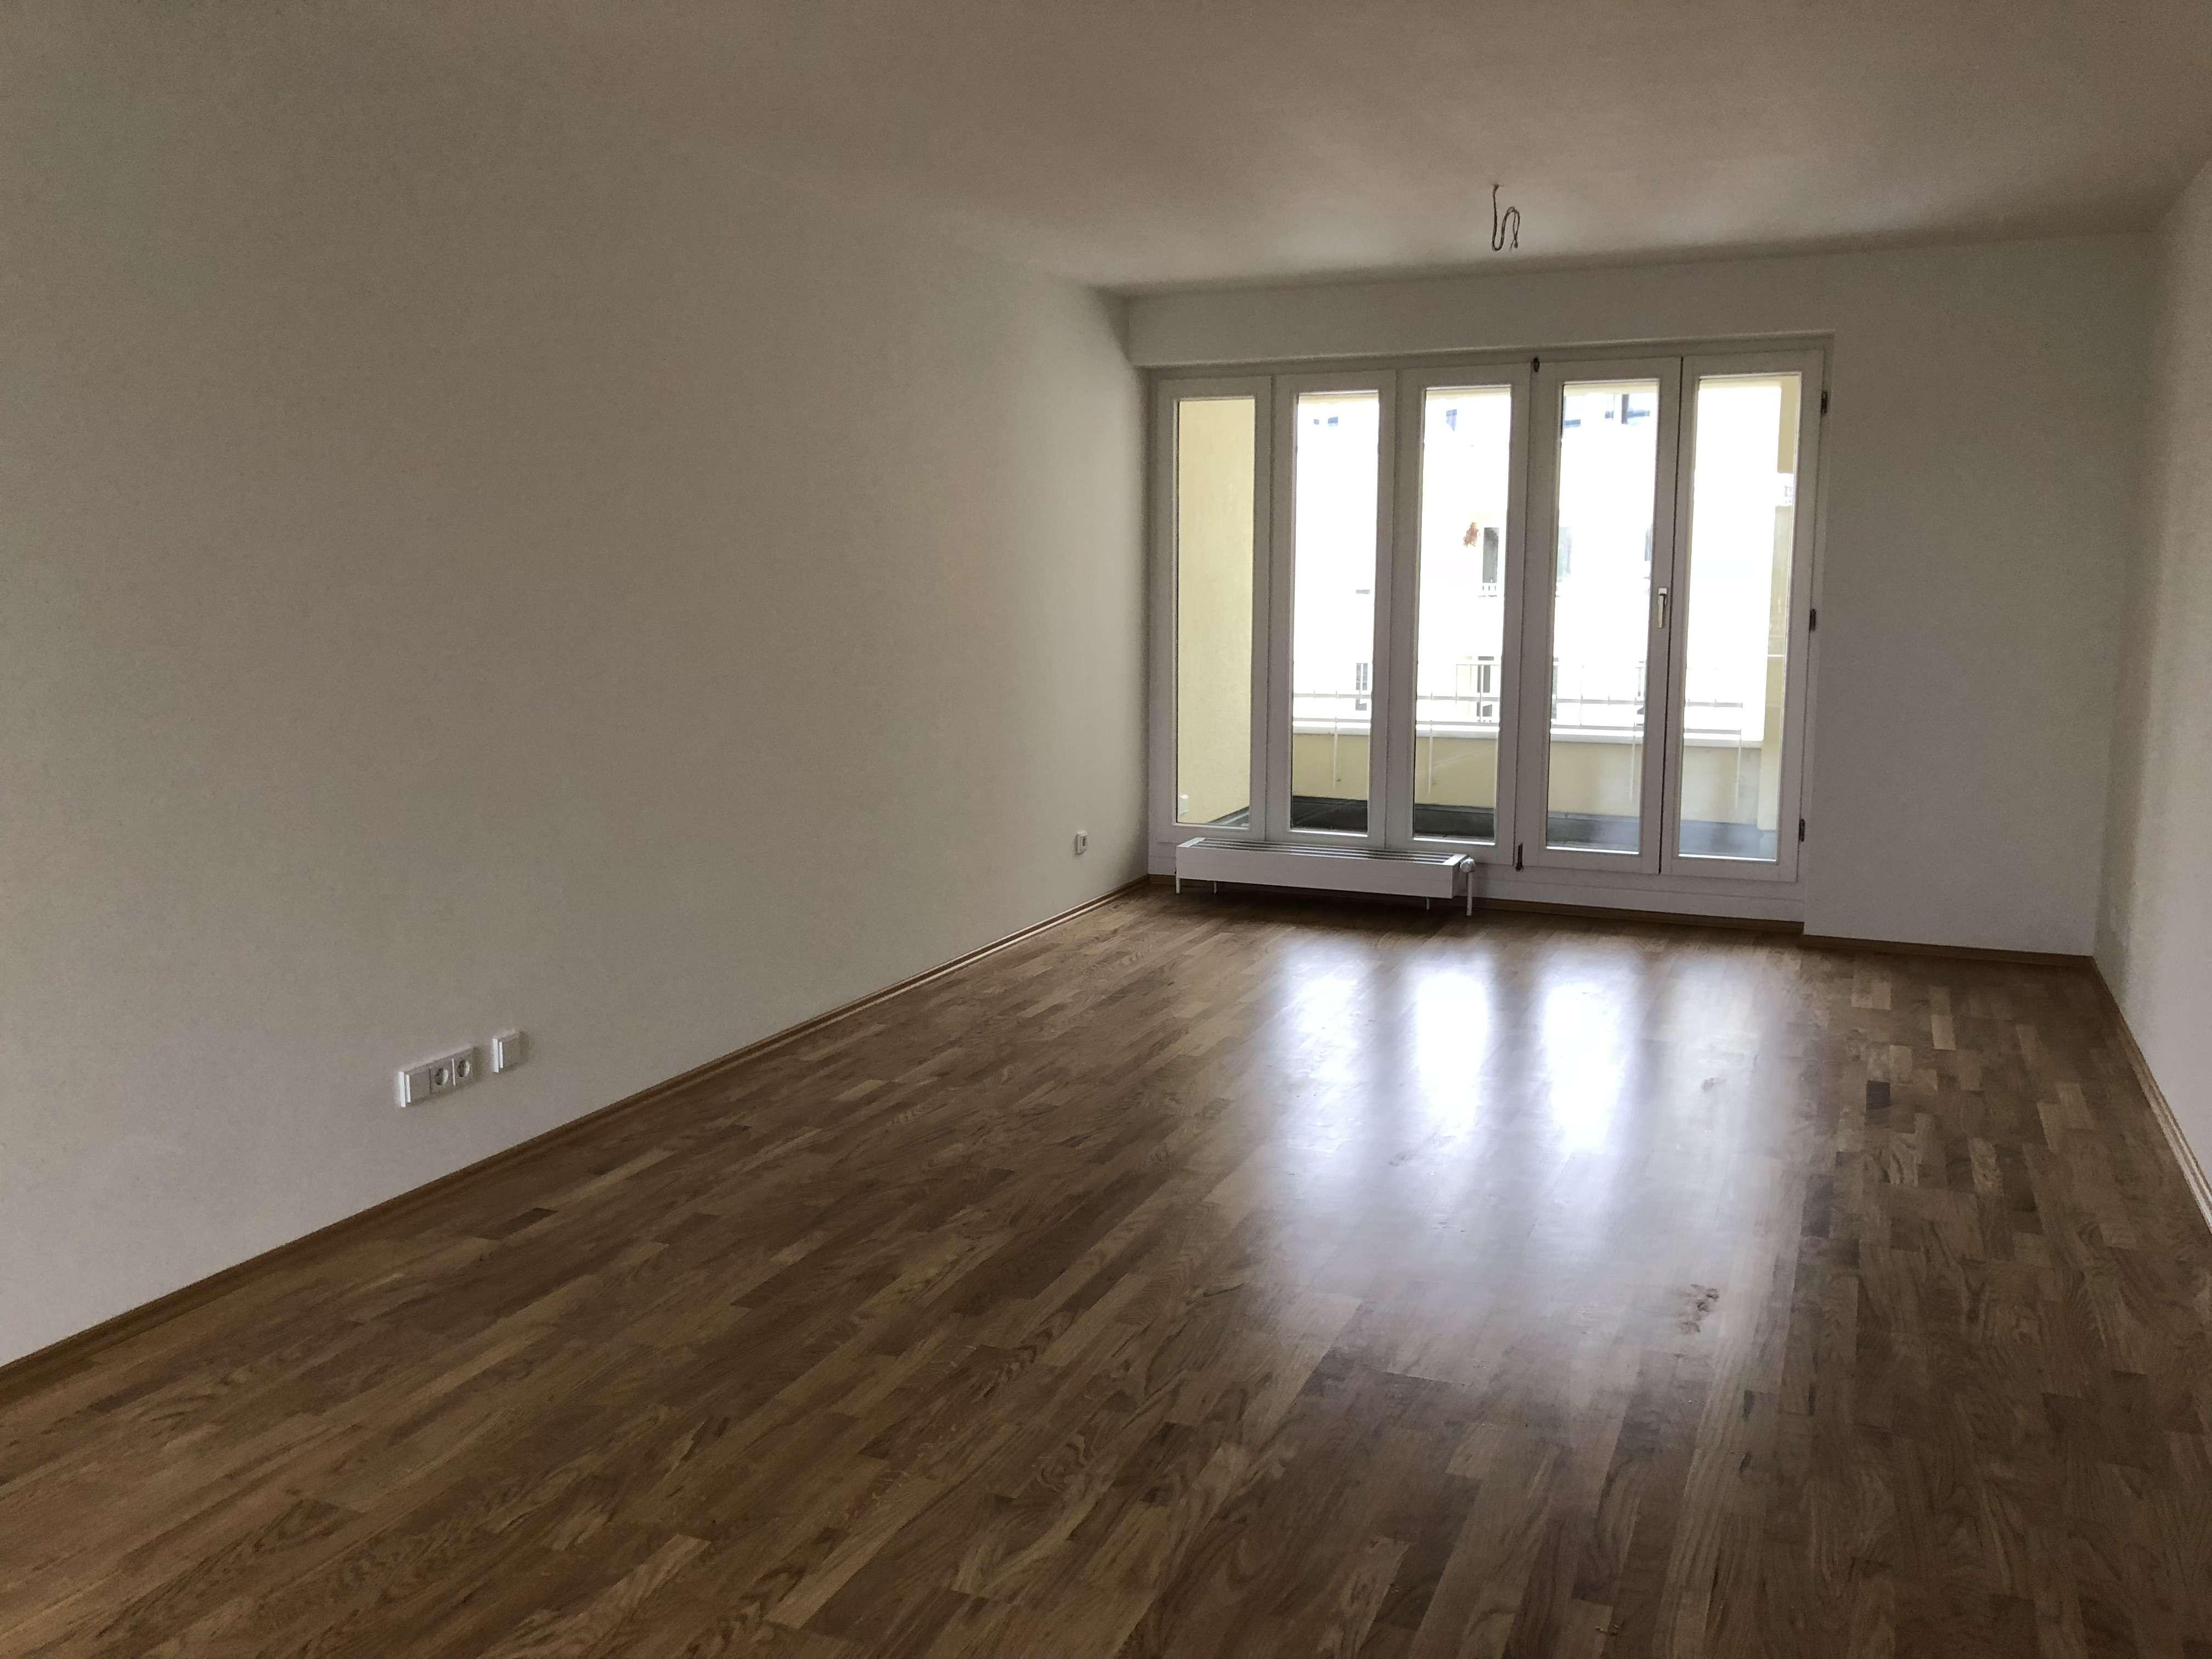 AB SOFORT - Renovierte 2-Zimmerwohnung in ruhiger Lage in Pasing (München)